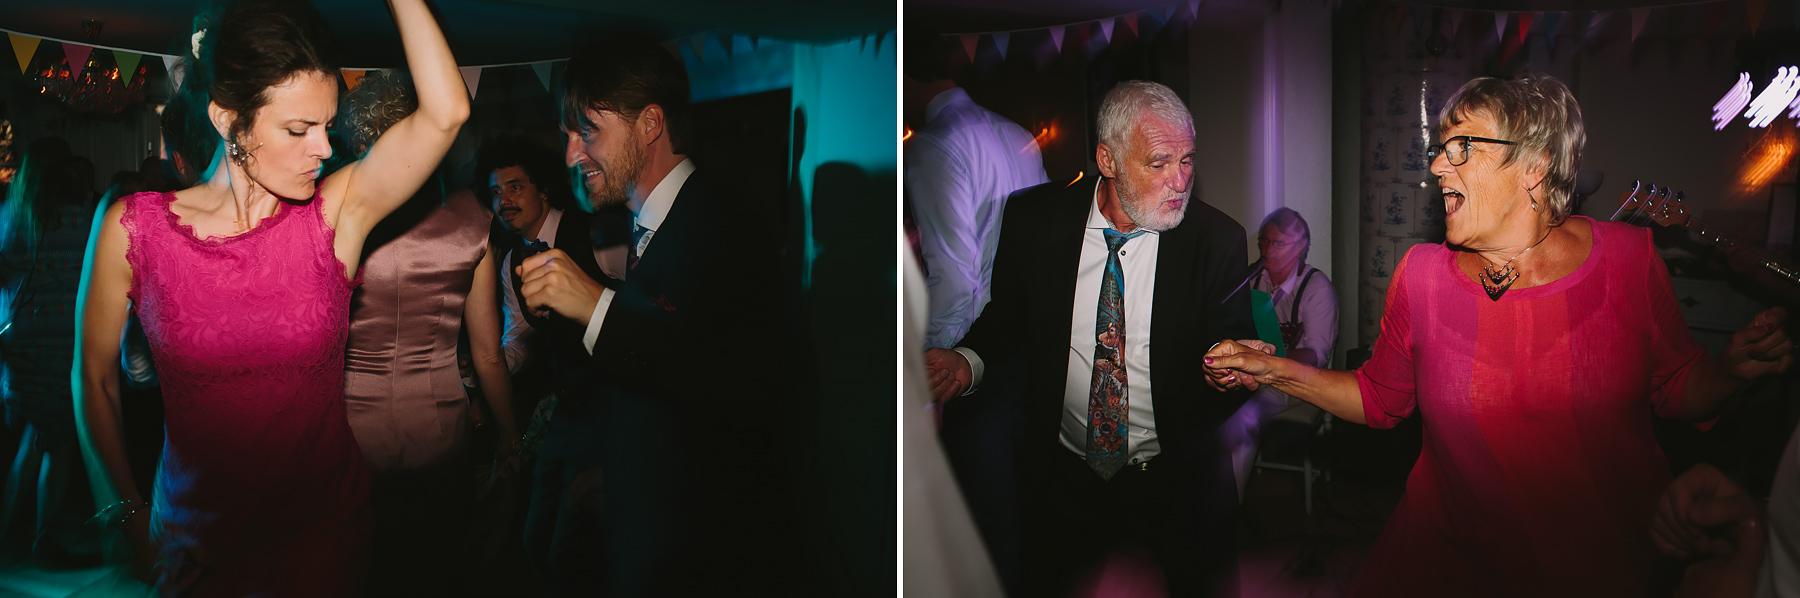 Gästerna dansar